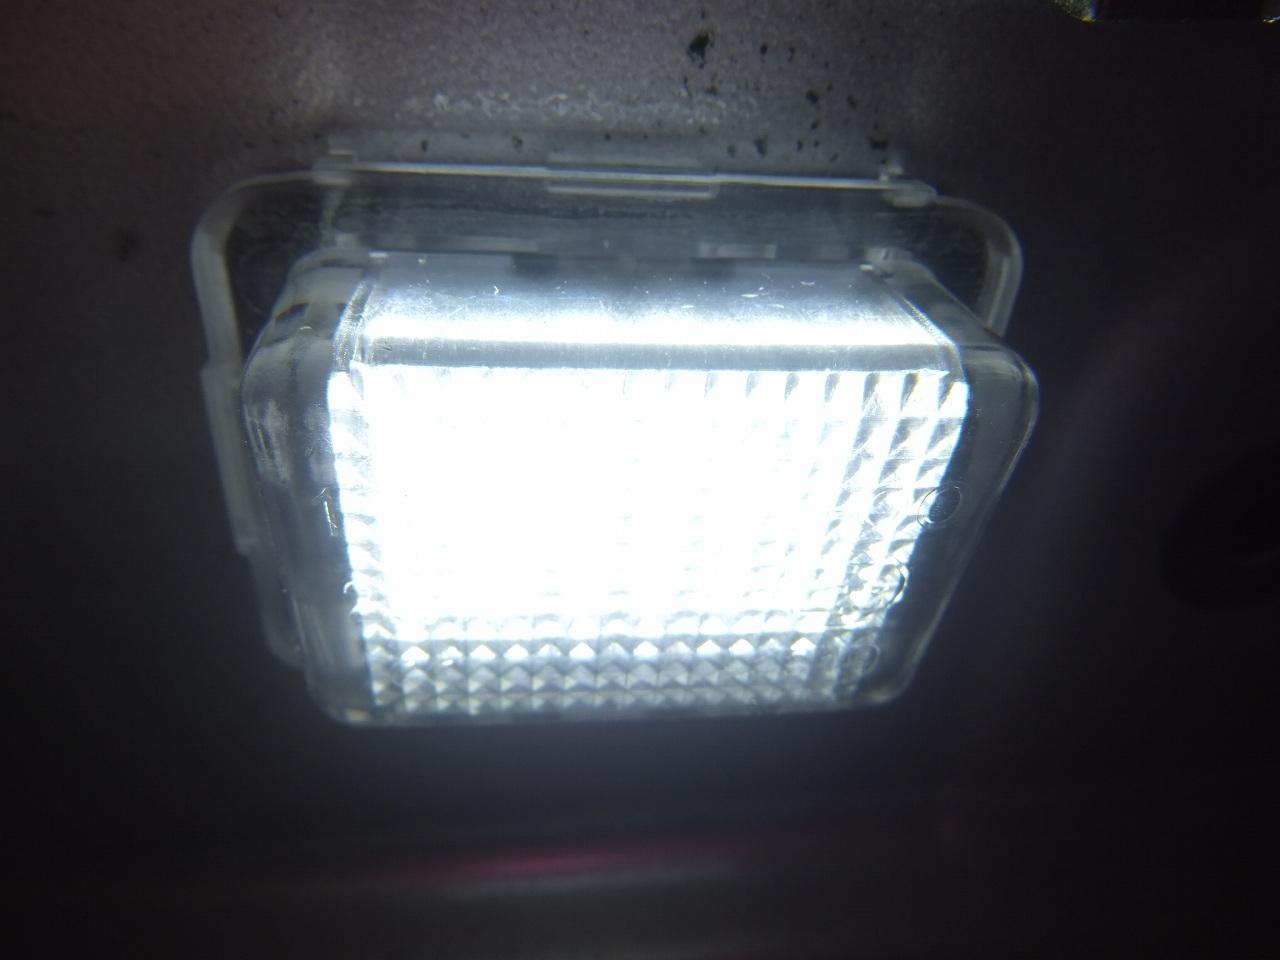 W222 ベンツ Sクラス ナンバー灯のLED交換2完成♪